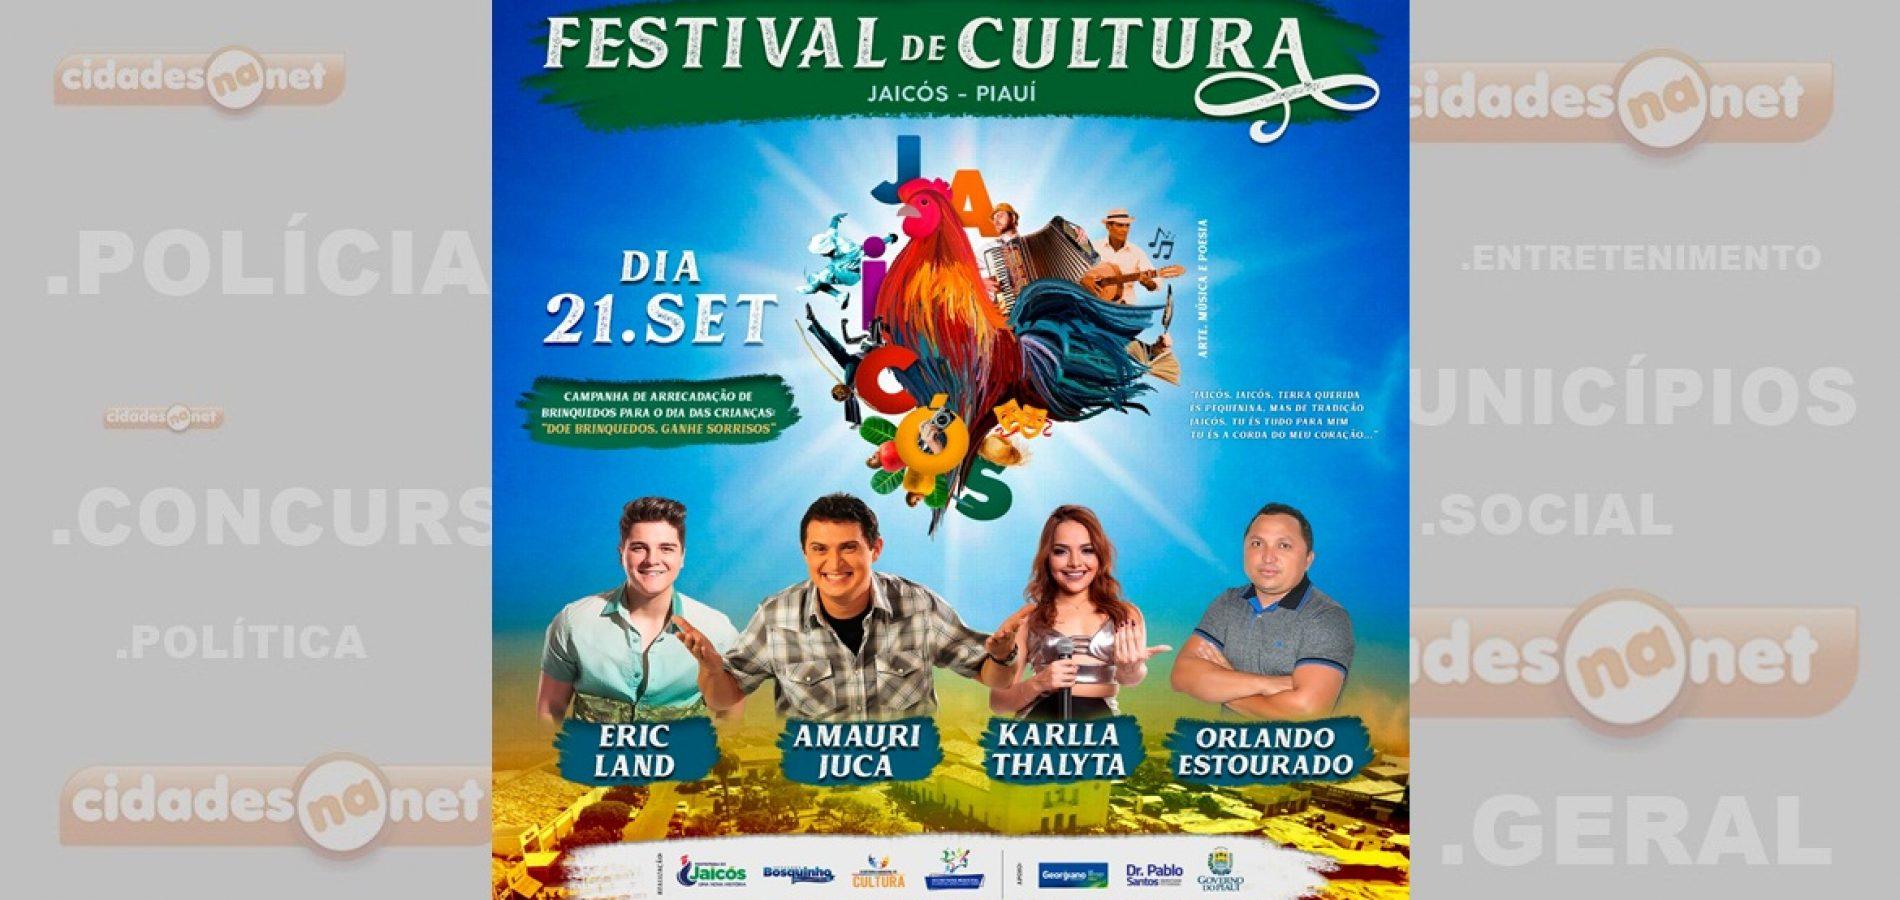 Secretaria divulga programação completa do I Festival de Cultura de Jaicós e abre inscrições para interessados em colocar barracas